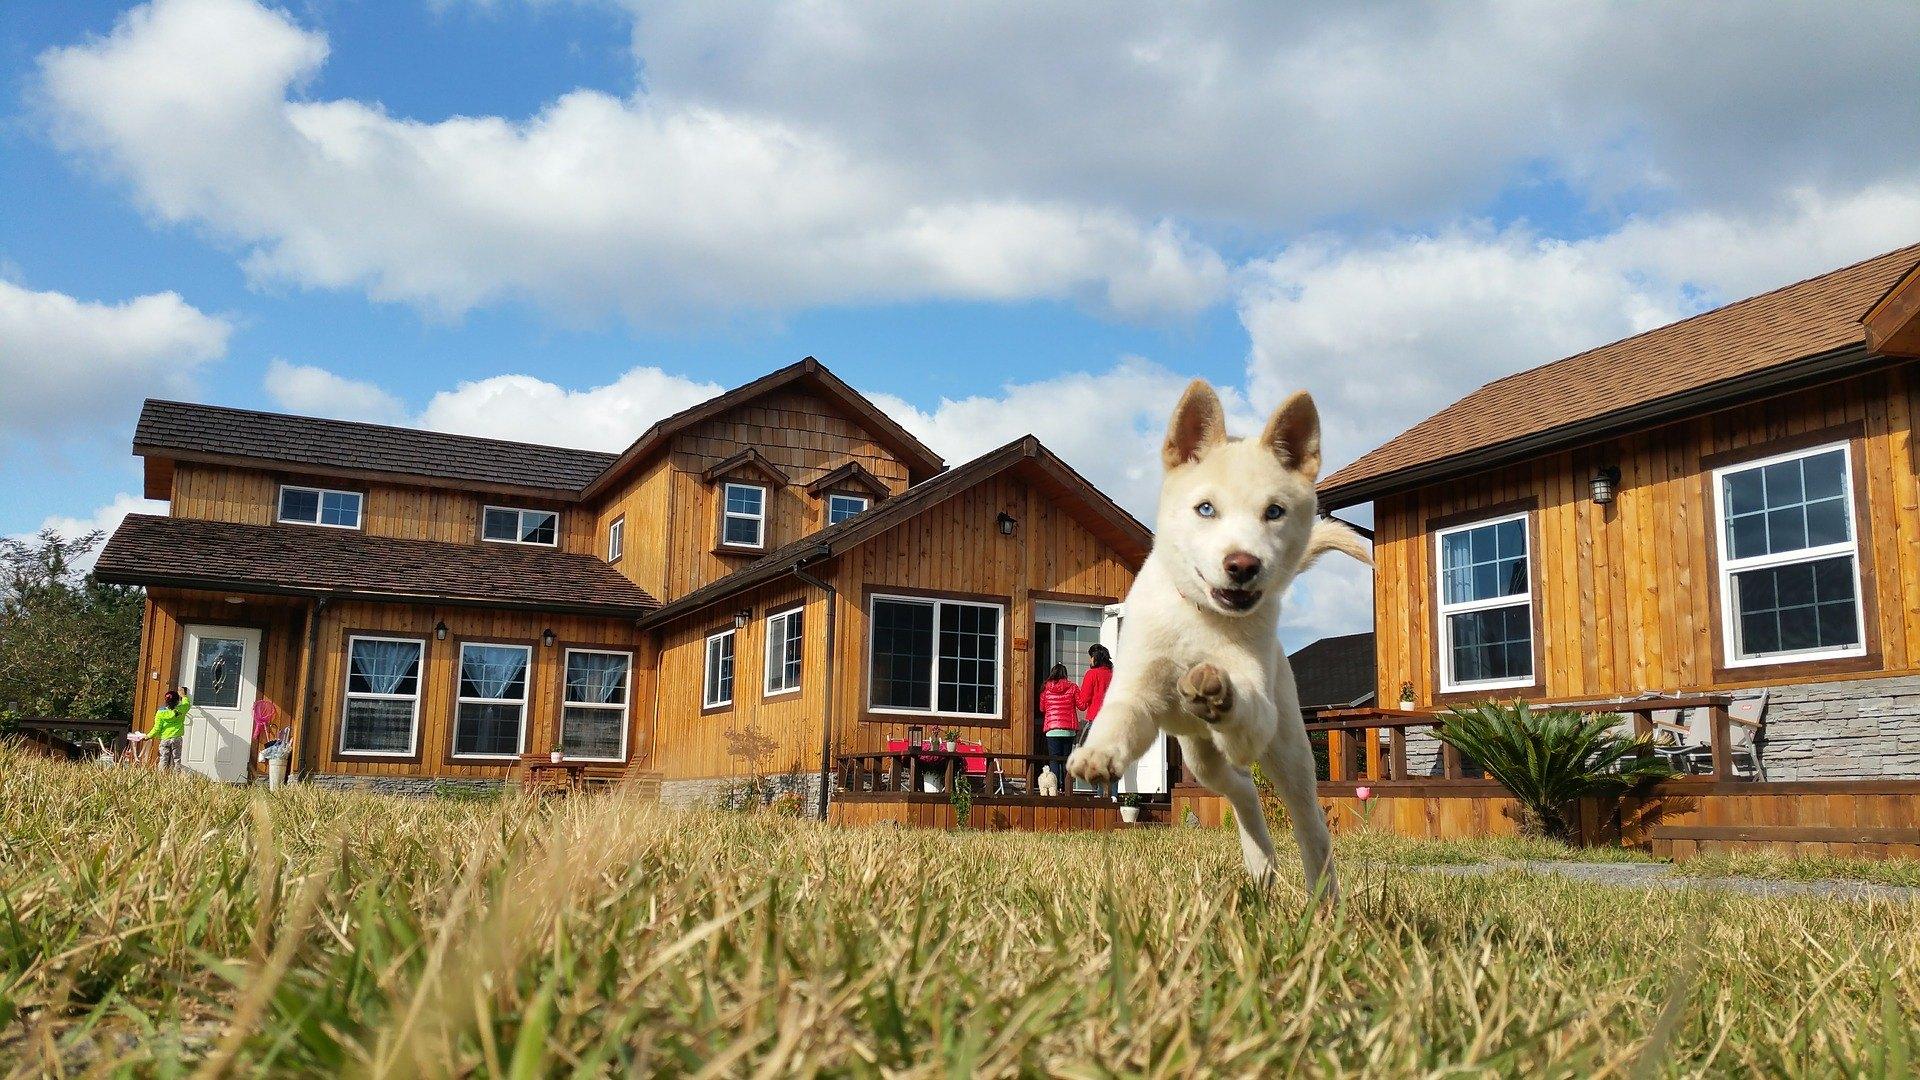 Ihr Welpe sollte auch nach entsprechender Vorbereitung nicht länger als 3-4 Stunden allein im Haus bleiben. Ein Hund als soziales Tier fühlt sich ohne Gesellschaft schlecht.